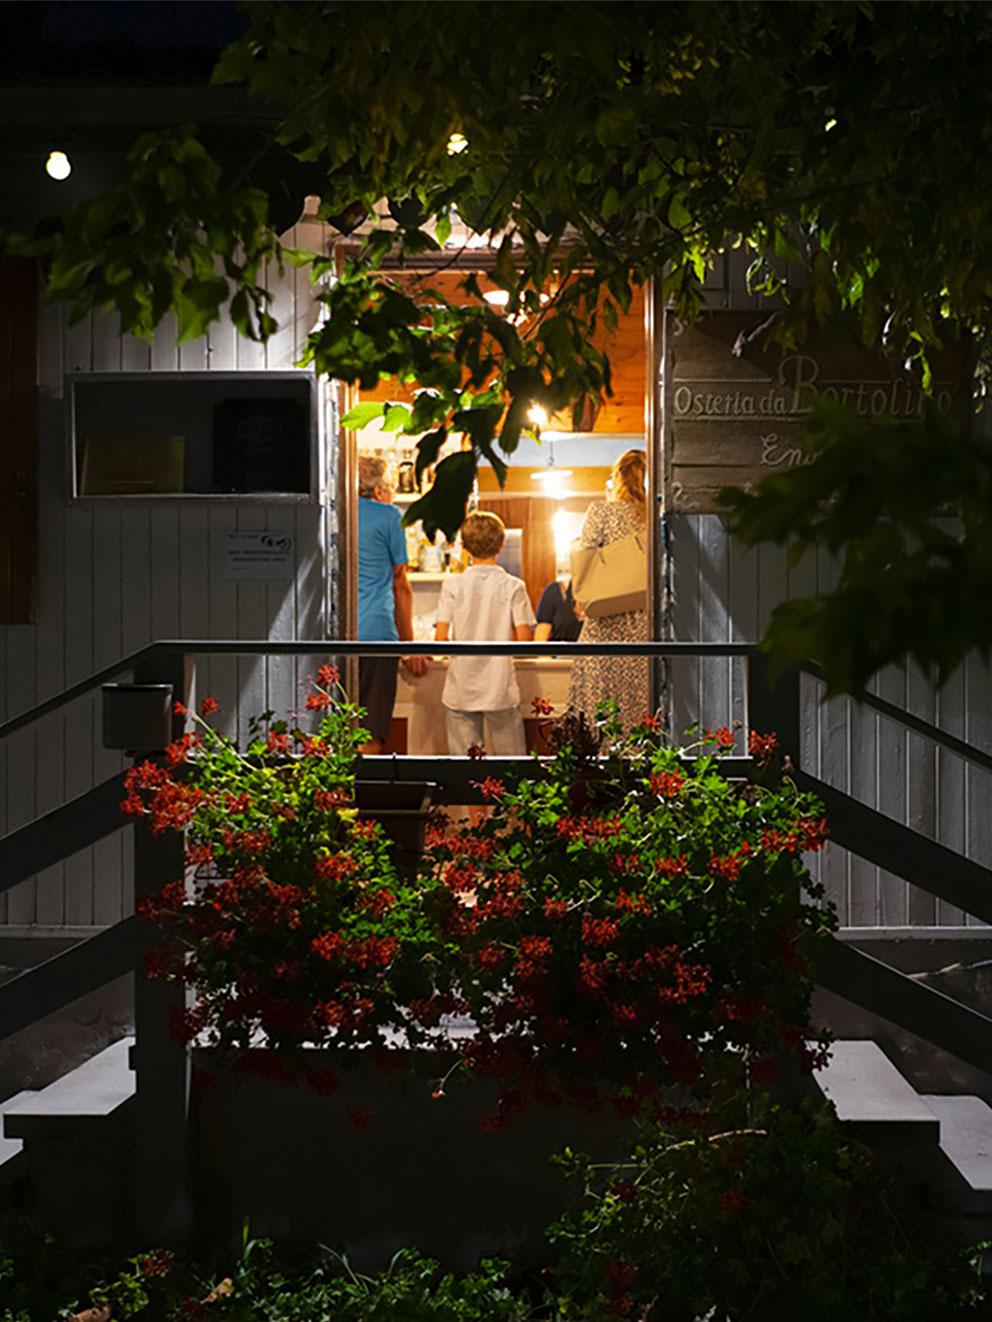 Esterno notte ingresso osteria Locanda Bortolino